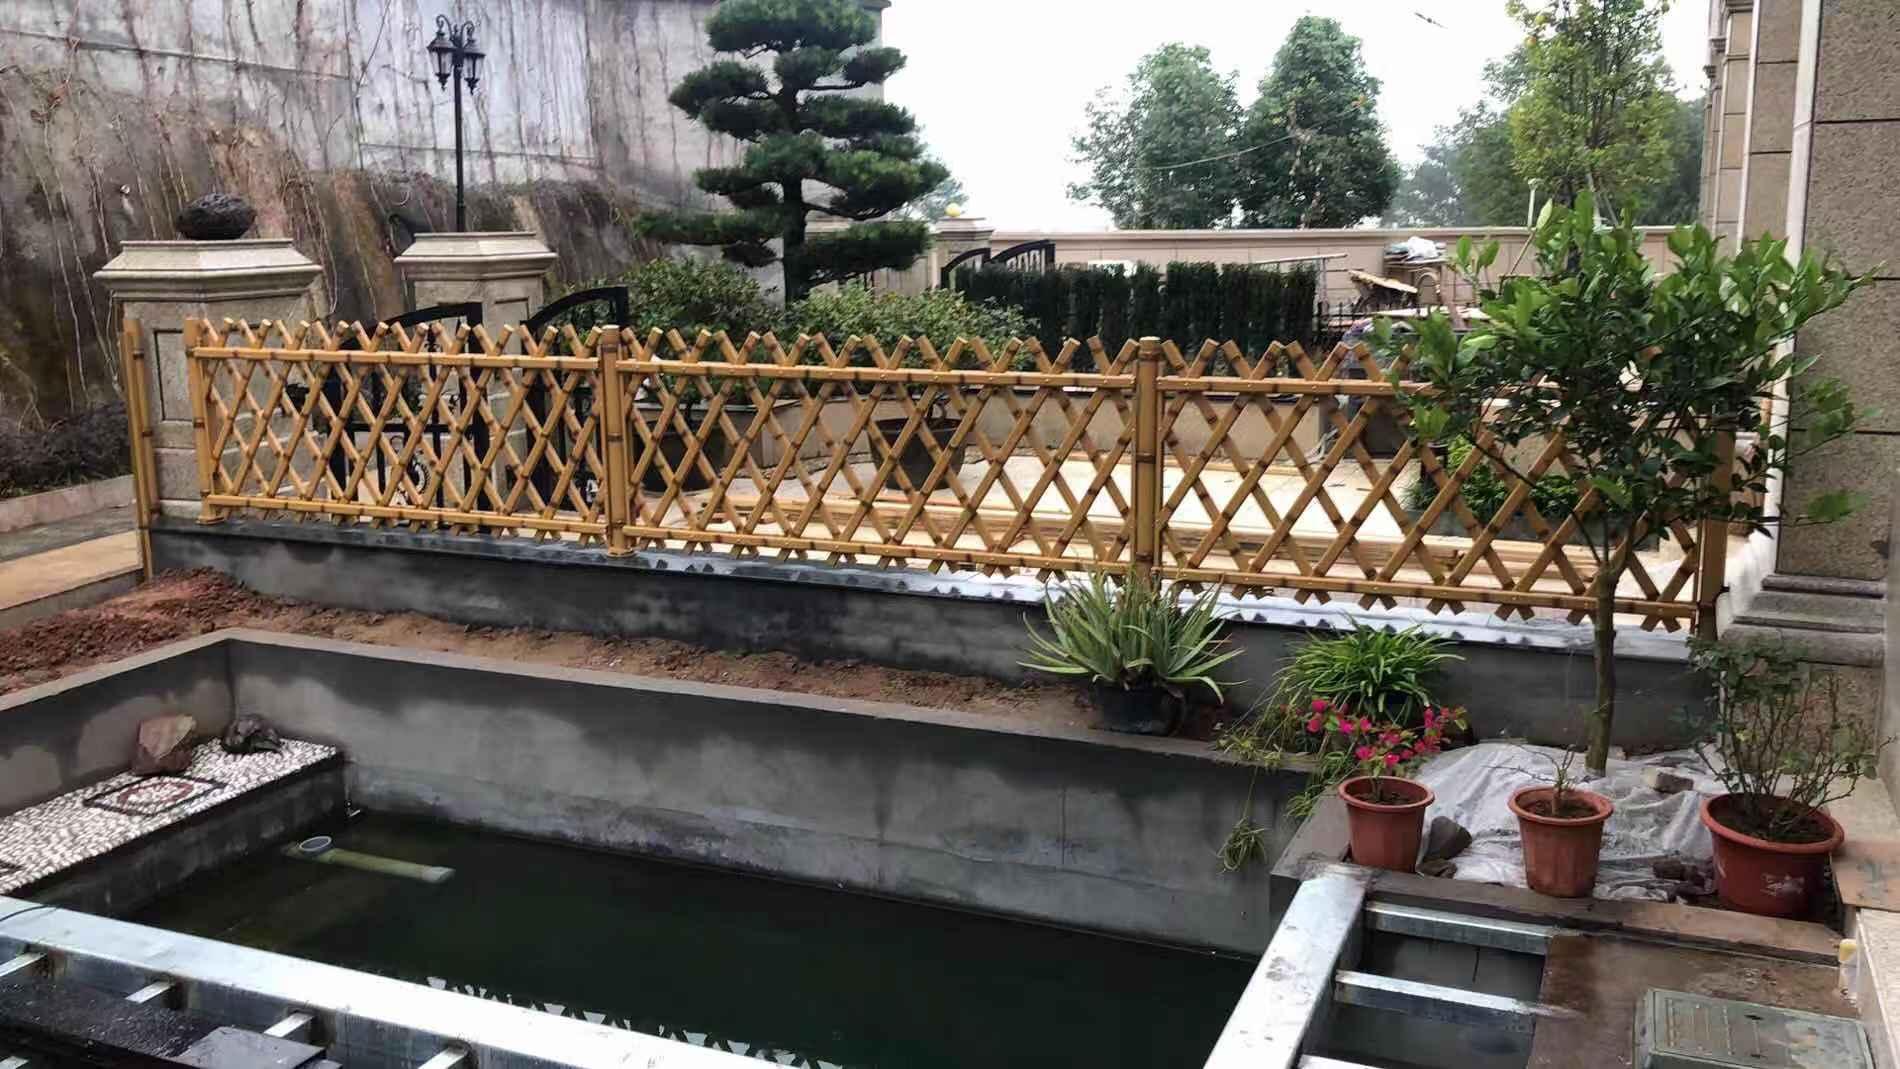 美丽乡村建设竹篱笆标配仿竹护栏